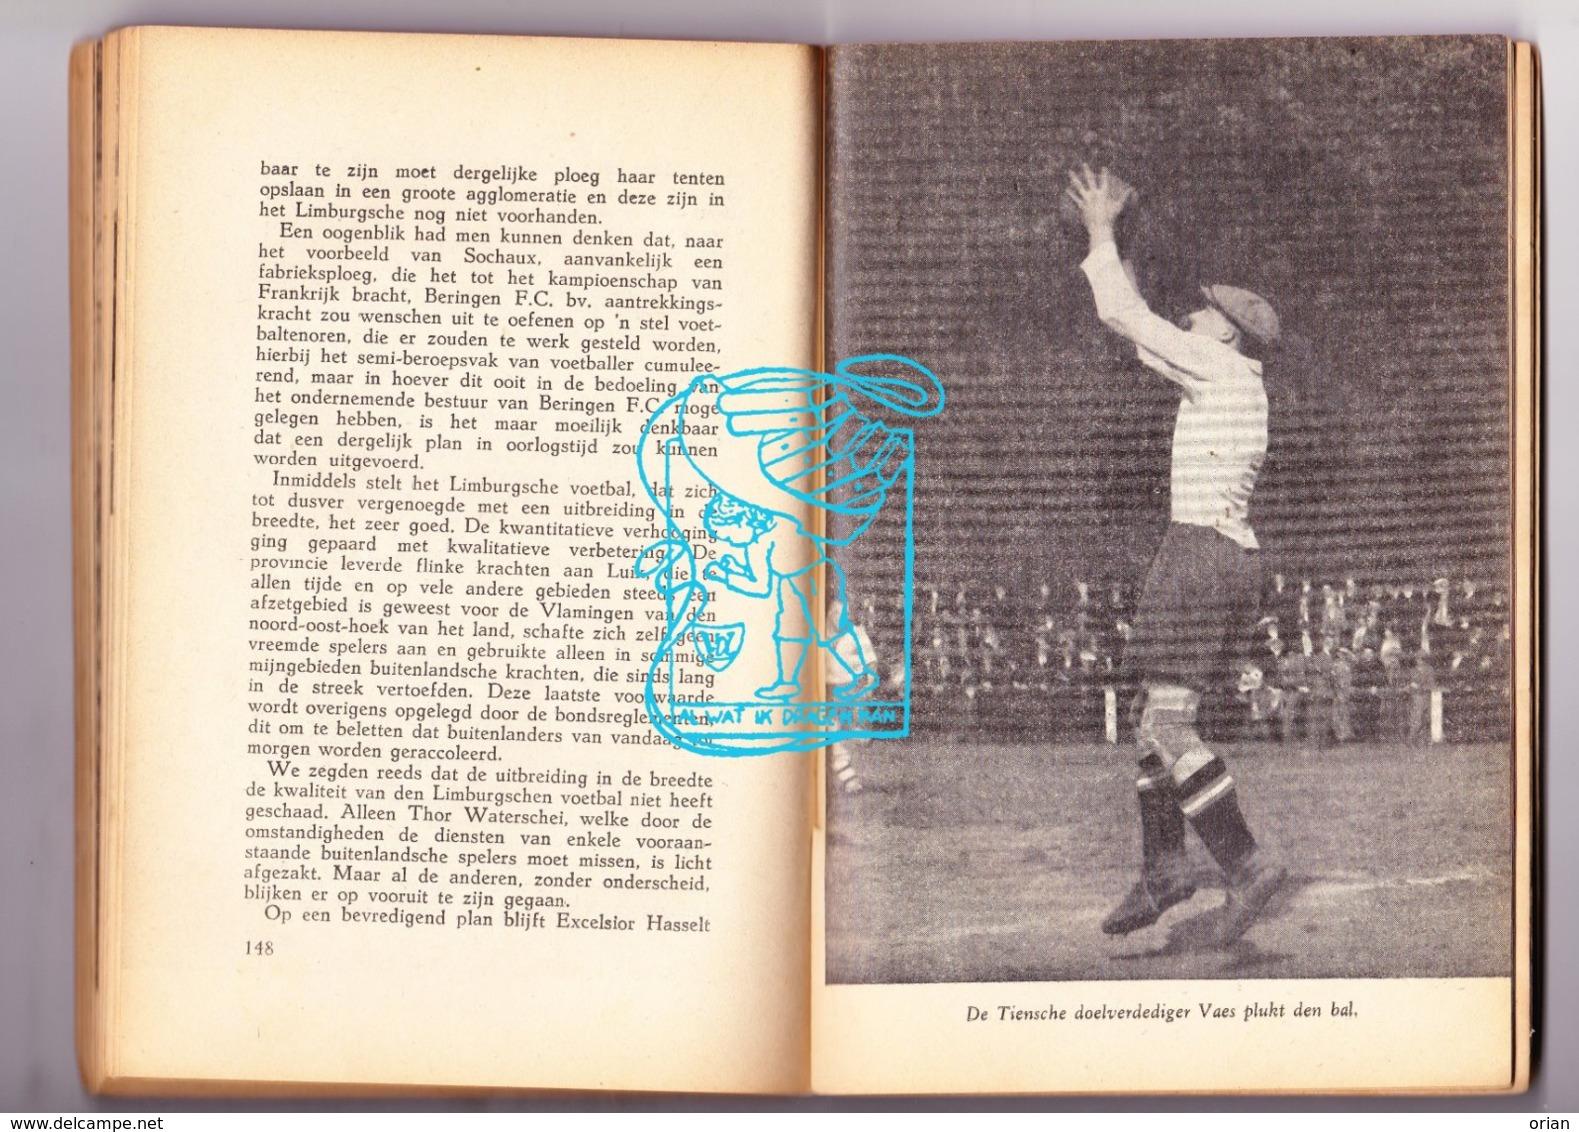 Voetbal Football WO II - Boek 'Voetballers Van Heden' - Belgische Competitie 1942-43 / Anekdotes Foto's Klassement - Boeken, Tijdschriften, Stripverhalen